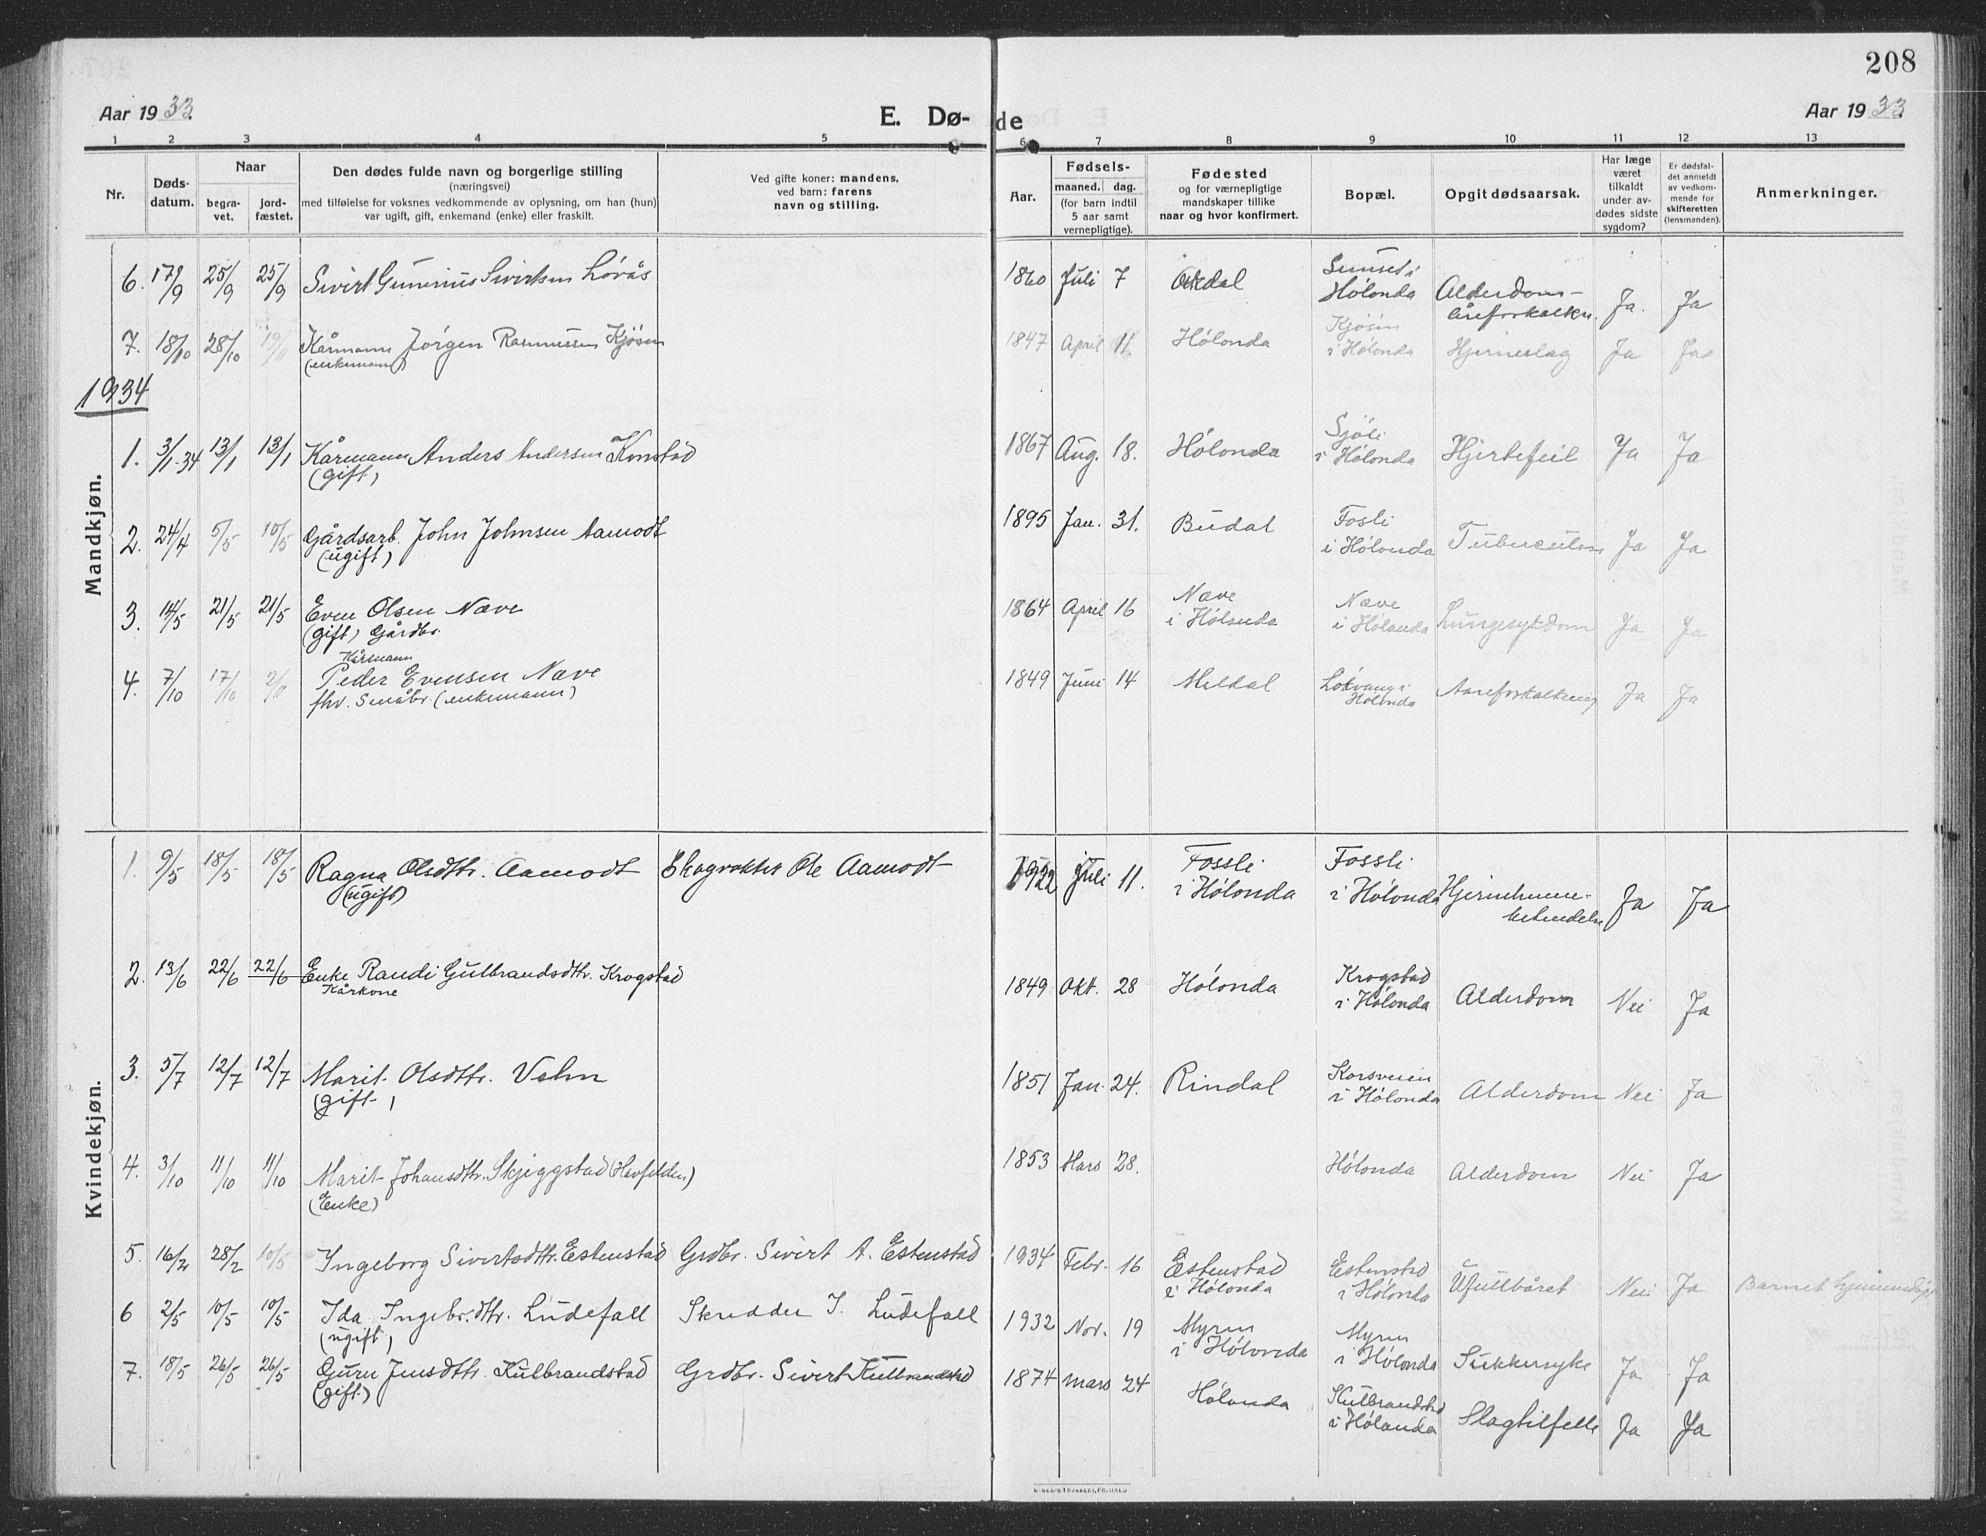 SAT, Ministerialprotokoller, klokkerbøker og fødselsregistre - Sør-Trøndelag, 694/L1134: Klokkerbok nr. 694C06, 1915-1937, s. 208